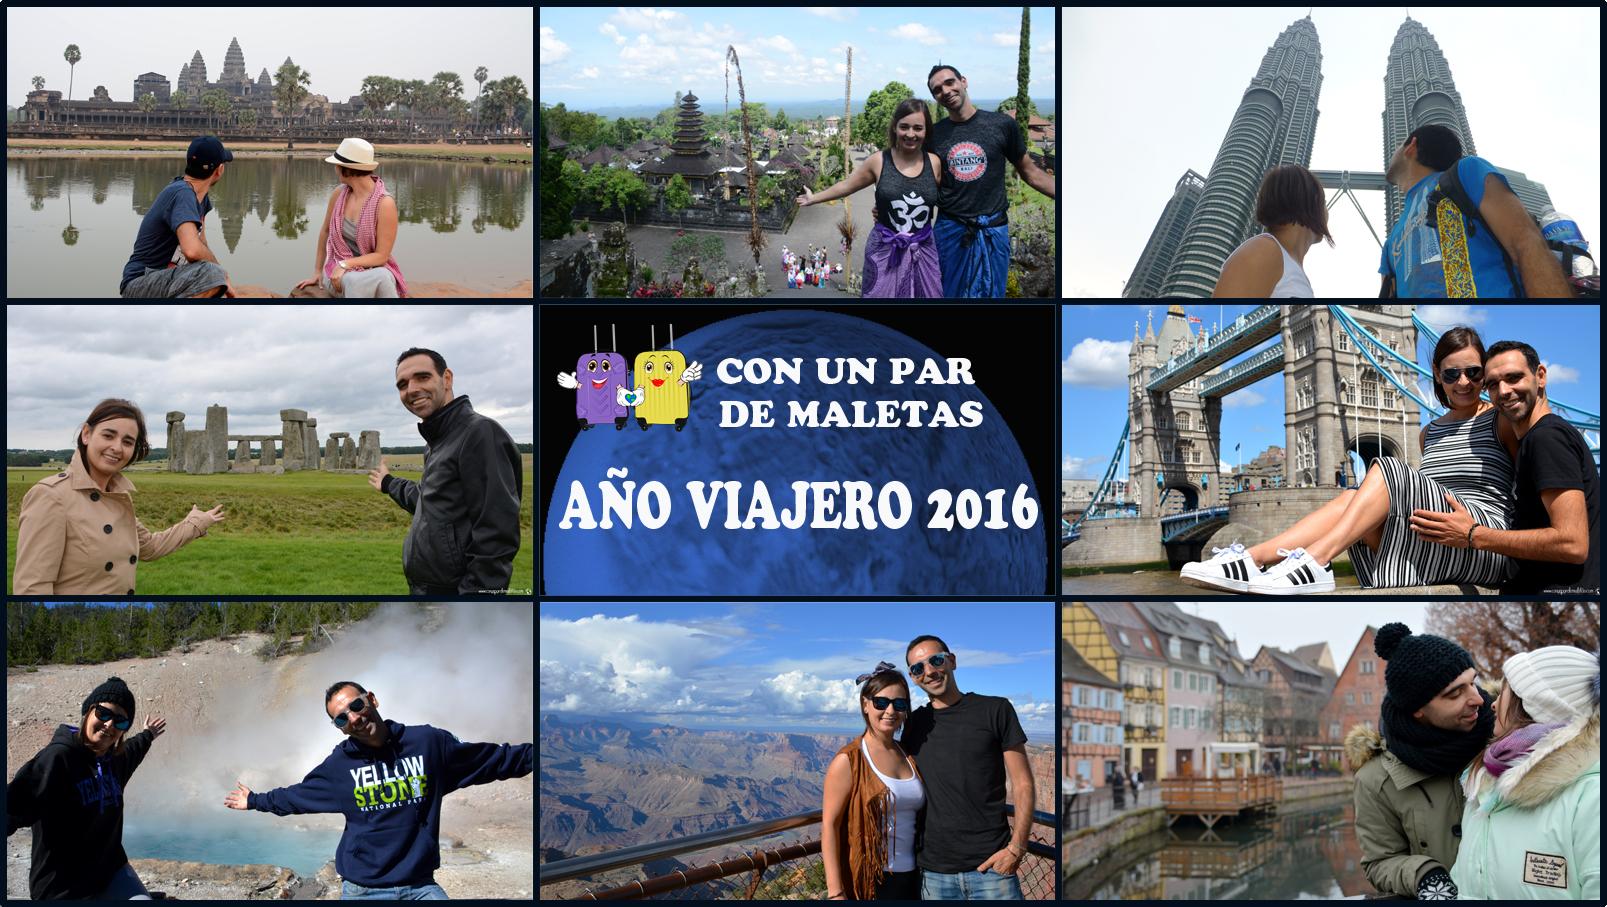 Año viajero 2016